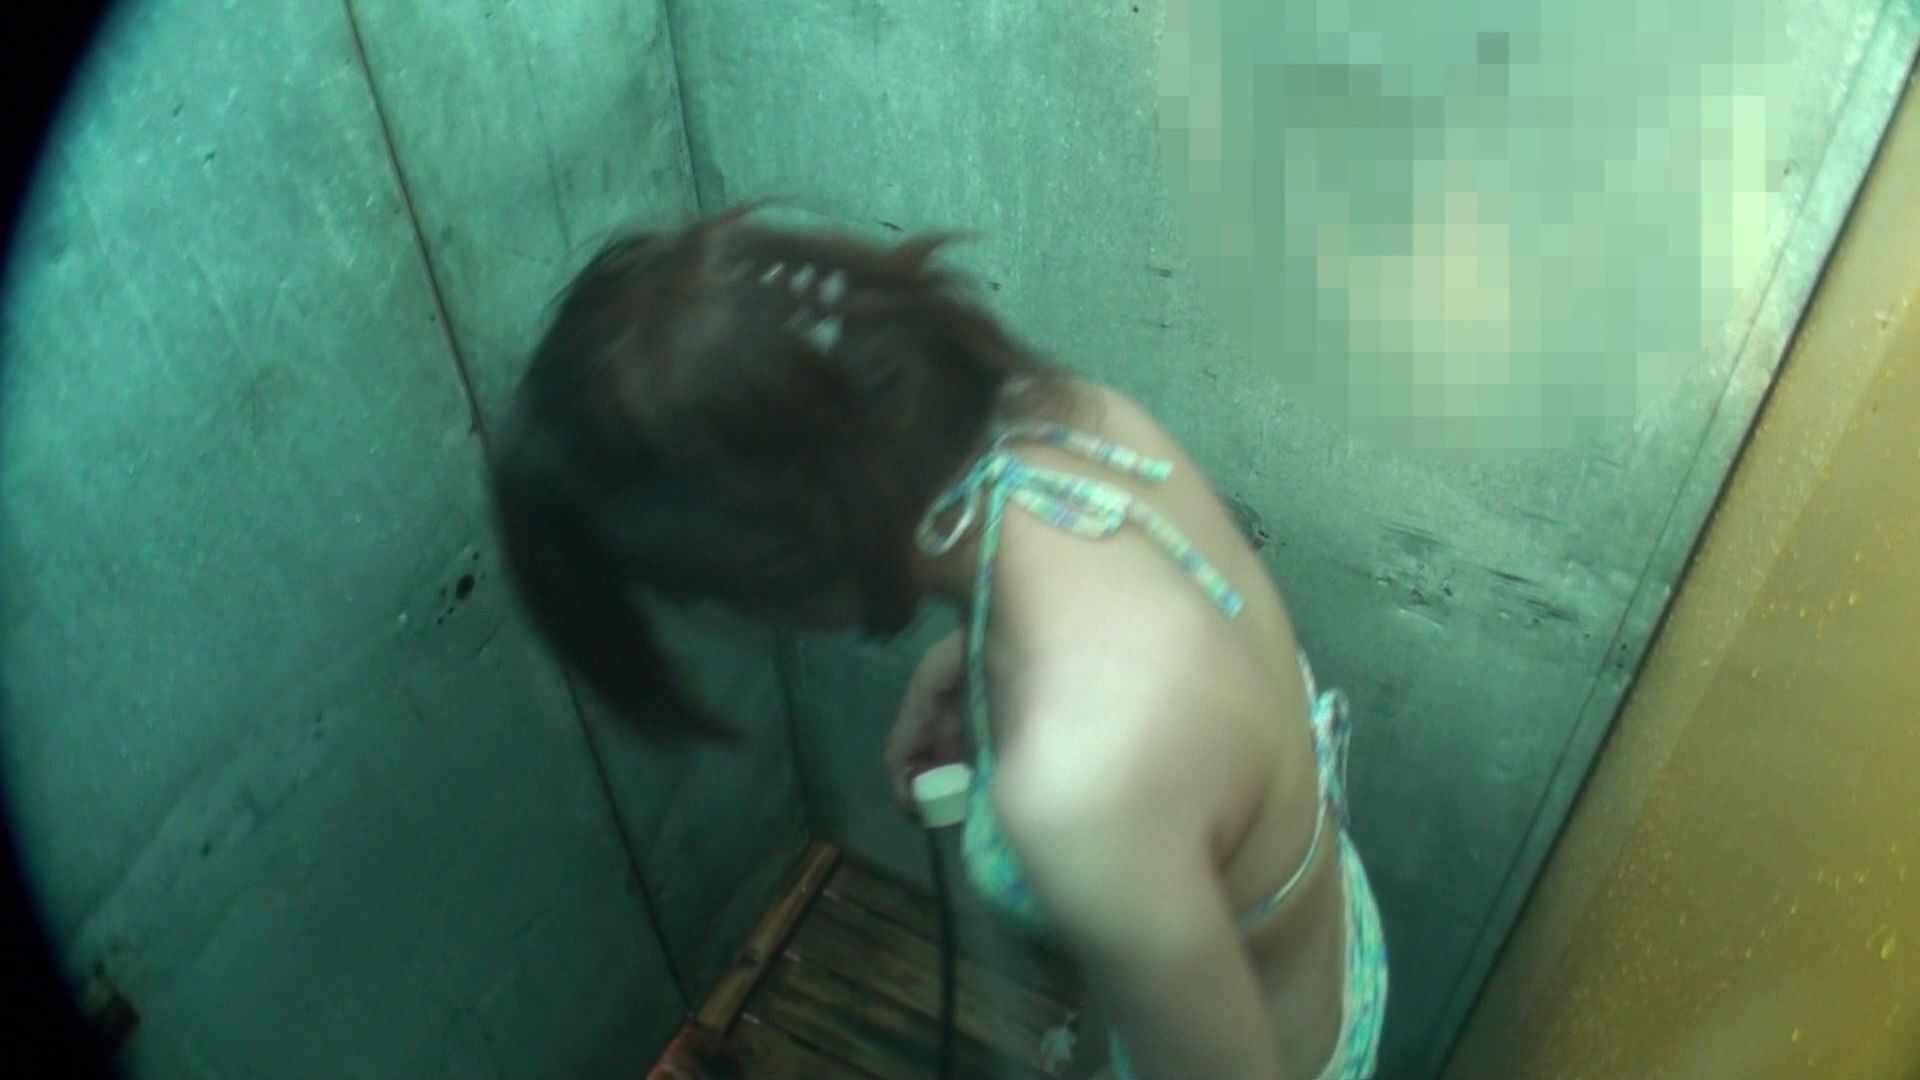 シャワールームは超!!危険な香りVol.15 残念ですが乳首未確認 マンコの砂は入念に シャワー | マンコ  41pic 1